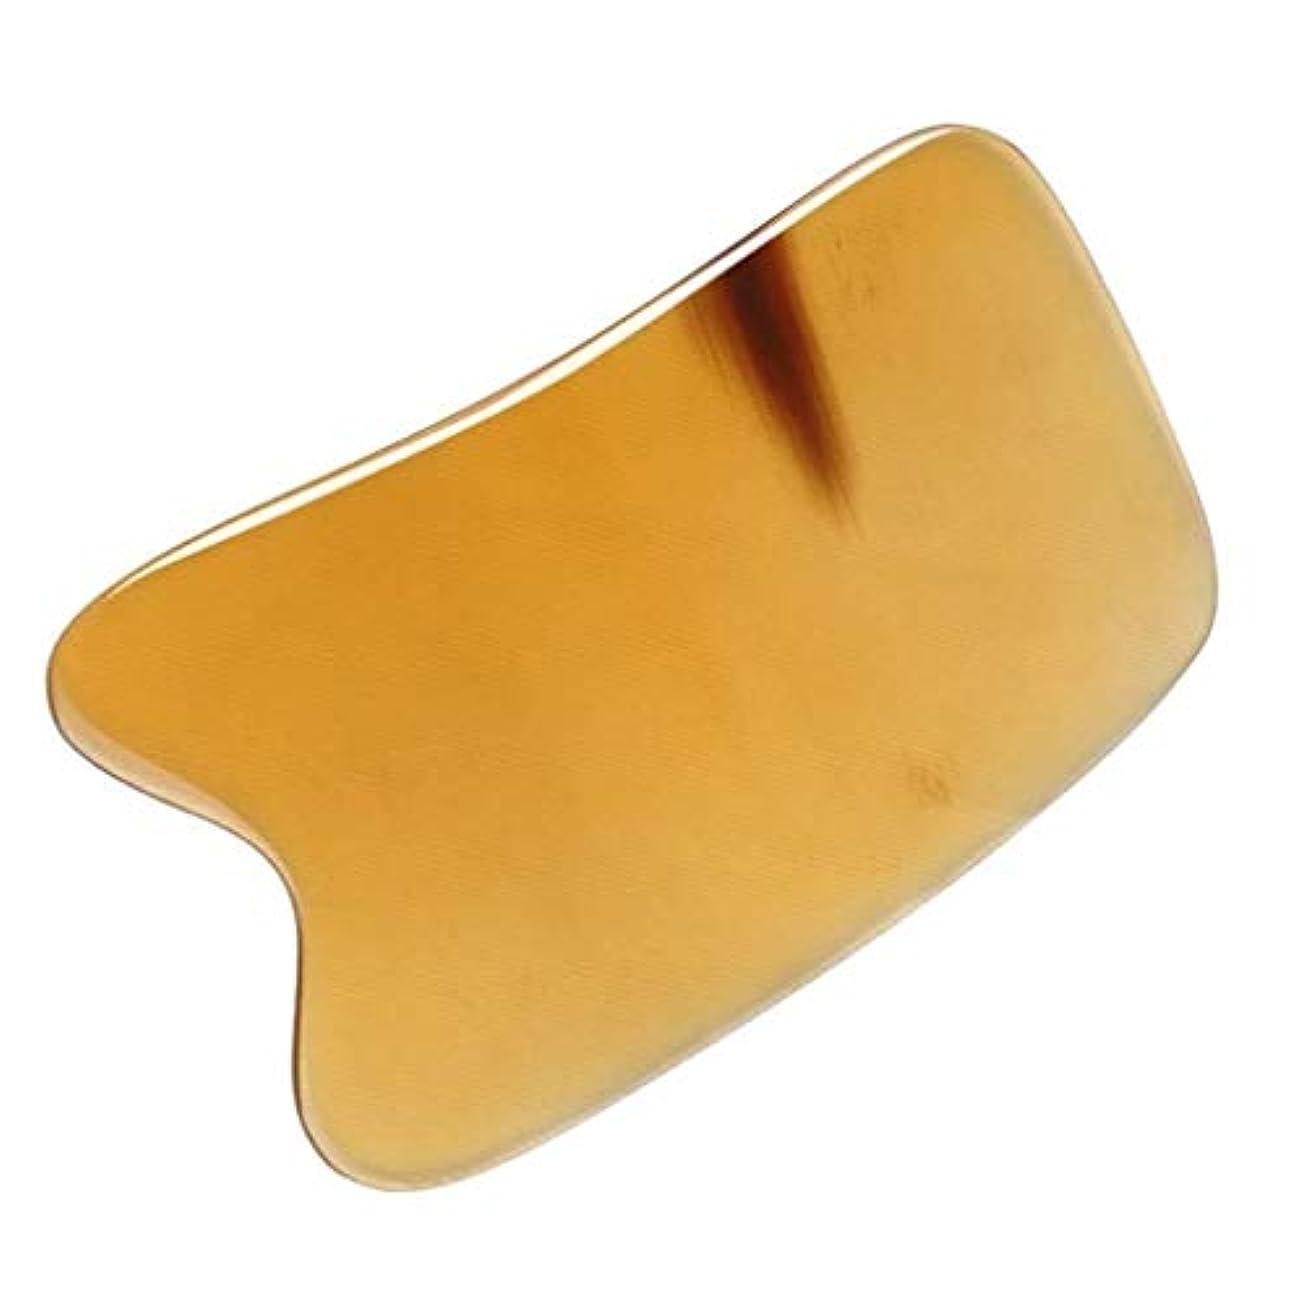 悲しい利得プラグIASTMグラストン理学療法ツール-最高品質のハンドメイドバッファローホーングアシャボード-首と筋肉の痛みを軽減 (Size : 5mm)